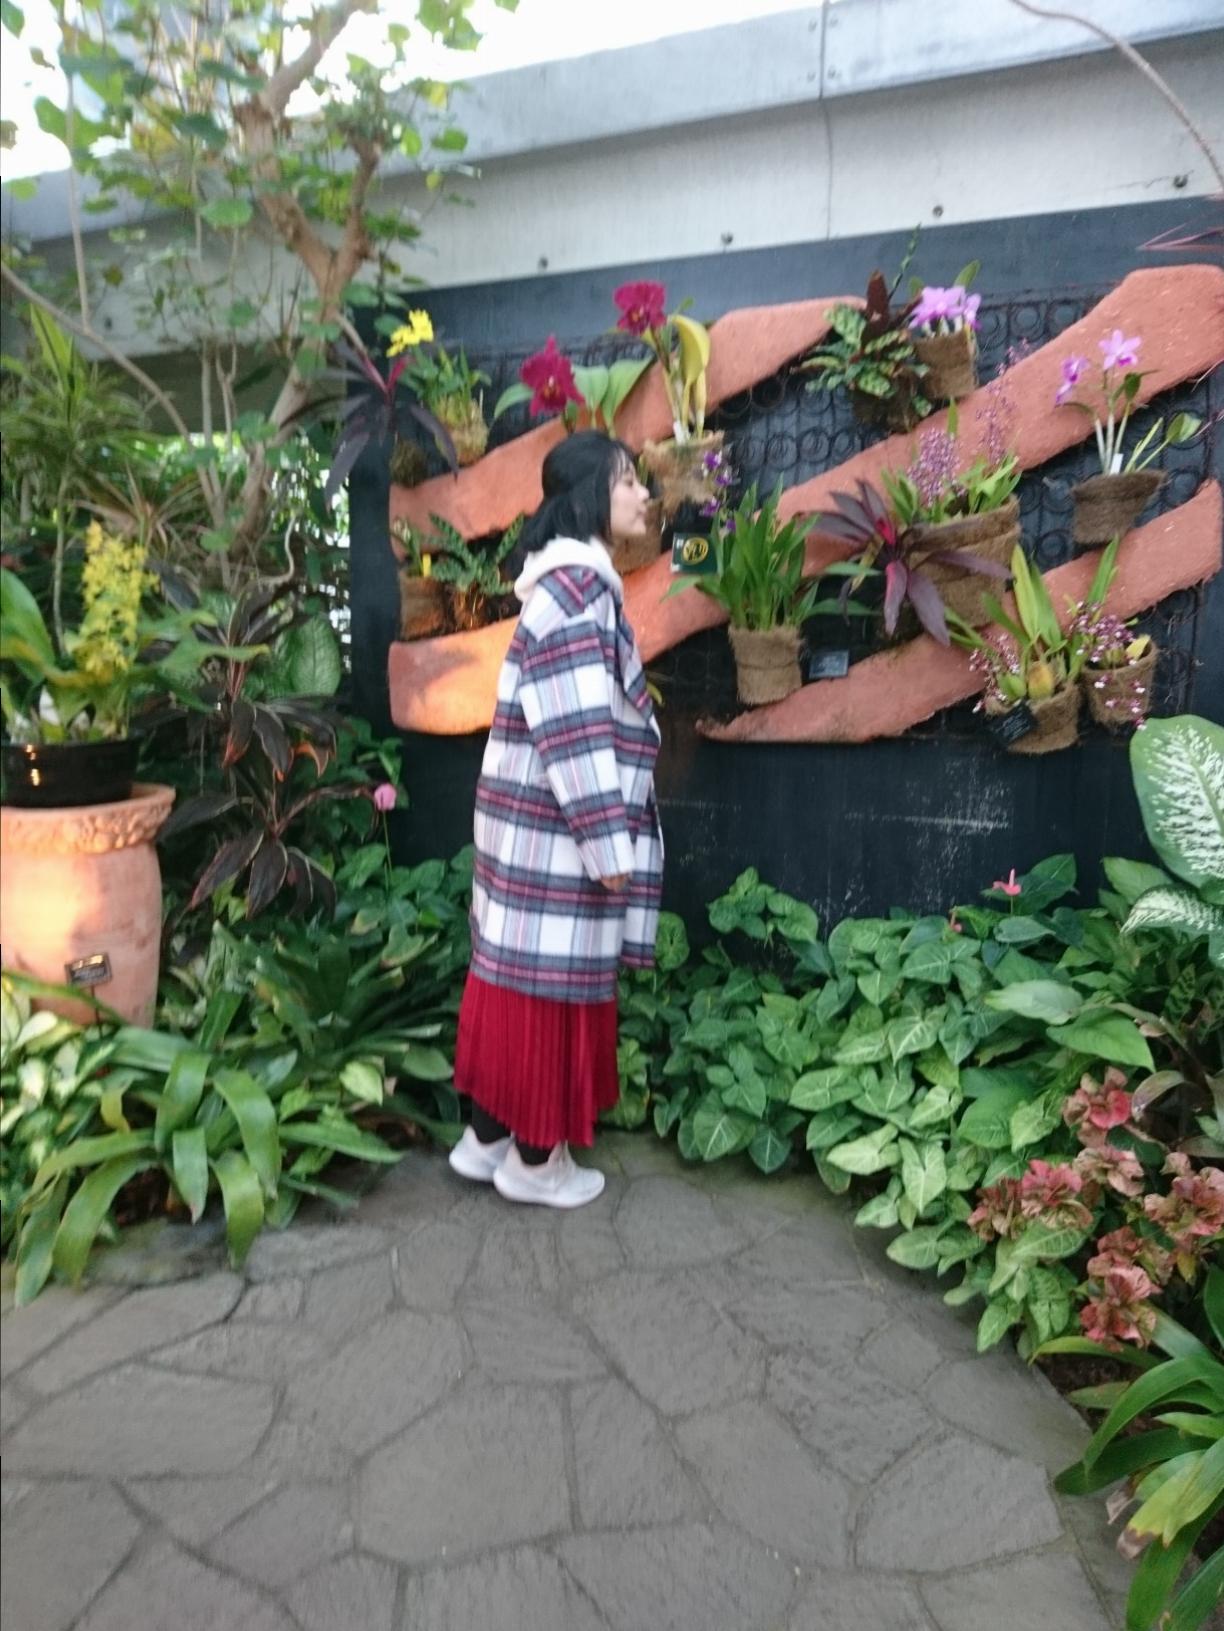 クリスマスシーズンに家族&カップルにお勧め!植物と光に彩られた奇跡の植物館_2